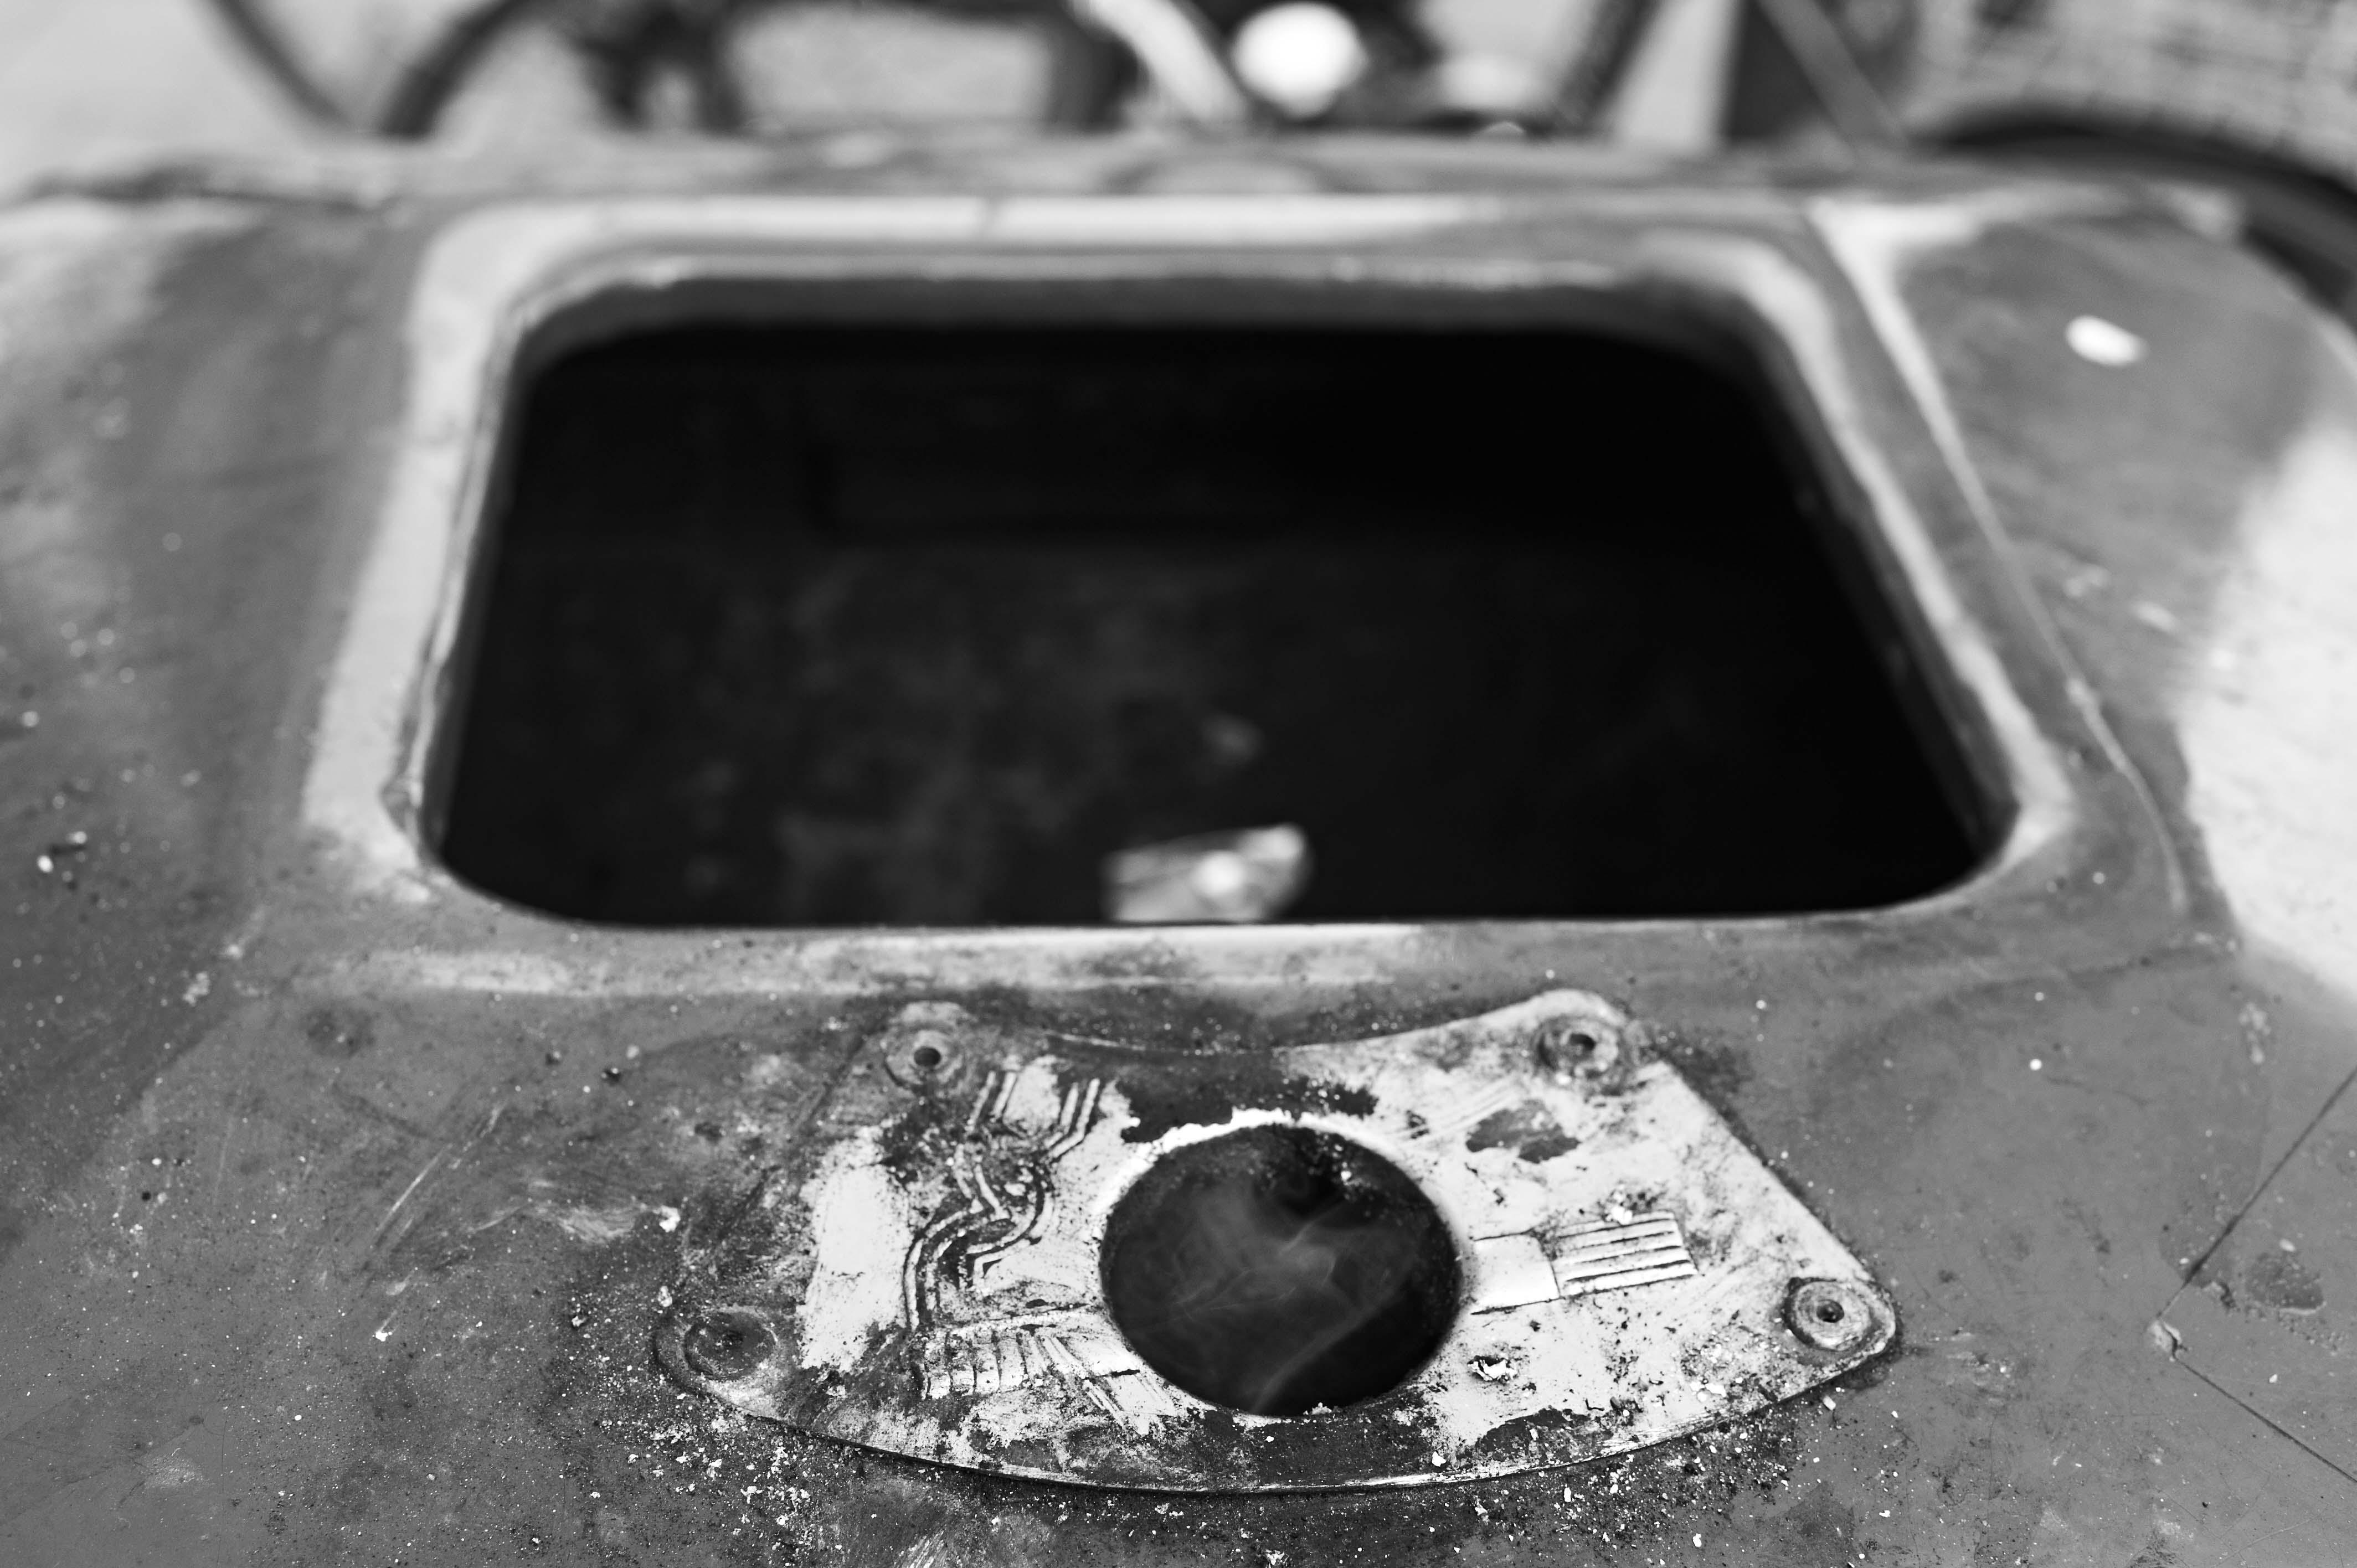 thibaud rose | garbage embrace